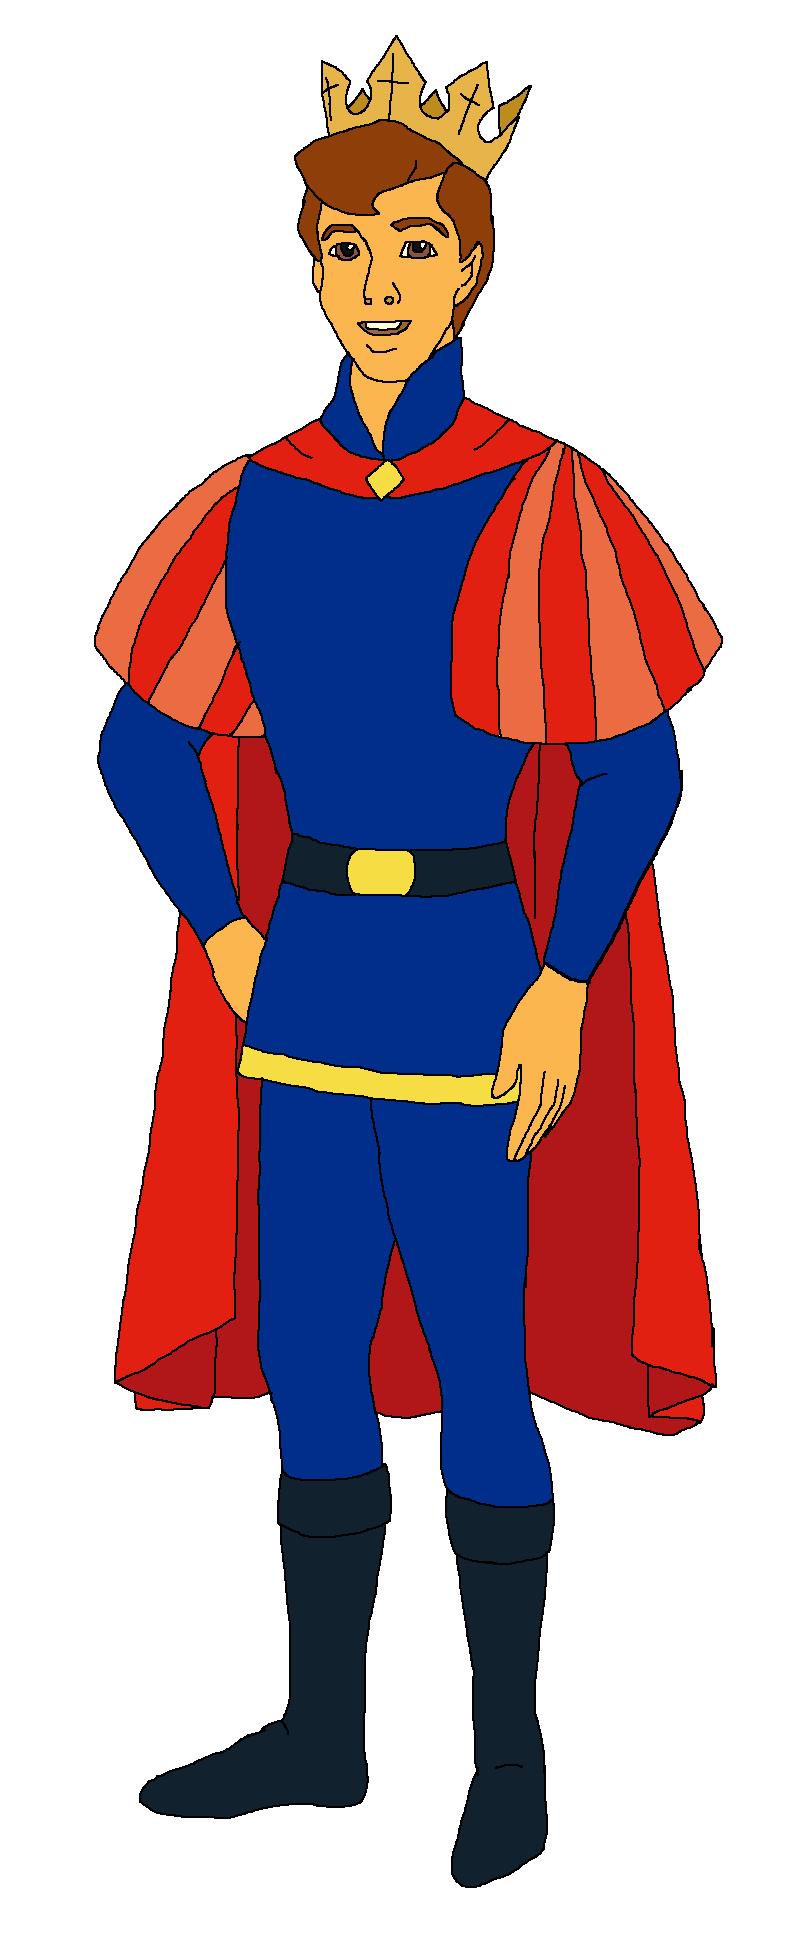 Cartoon Prince